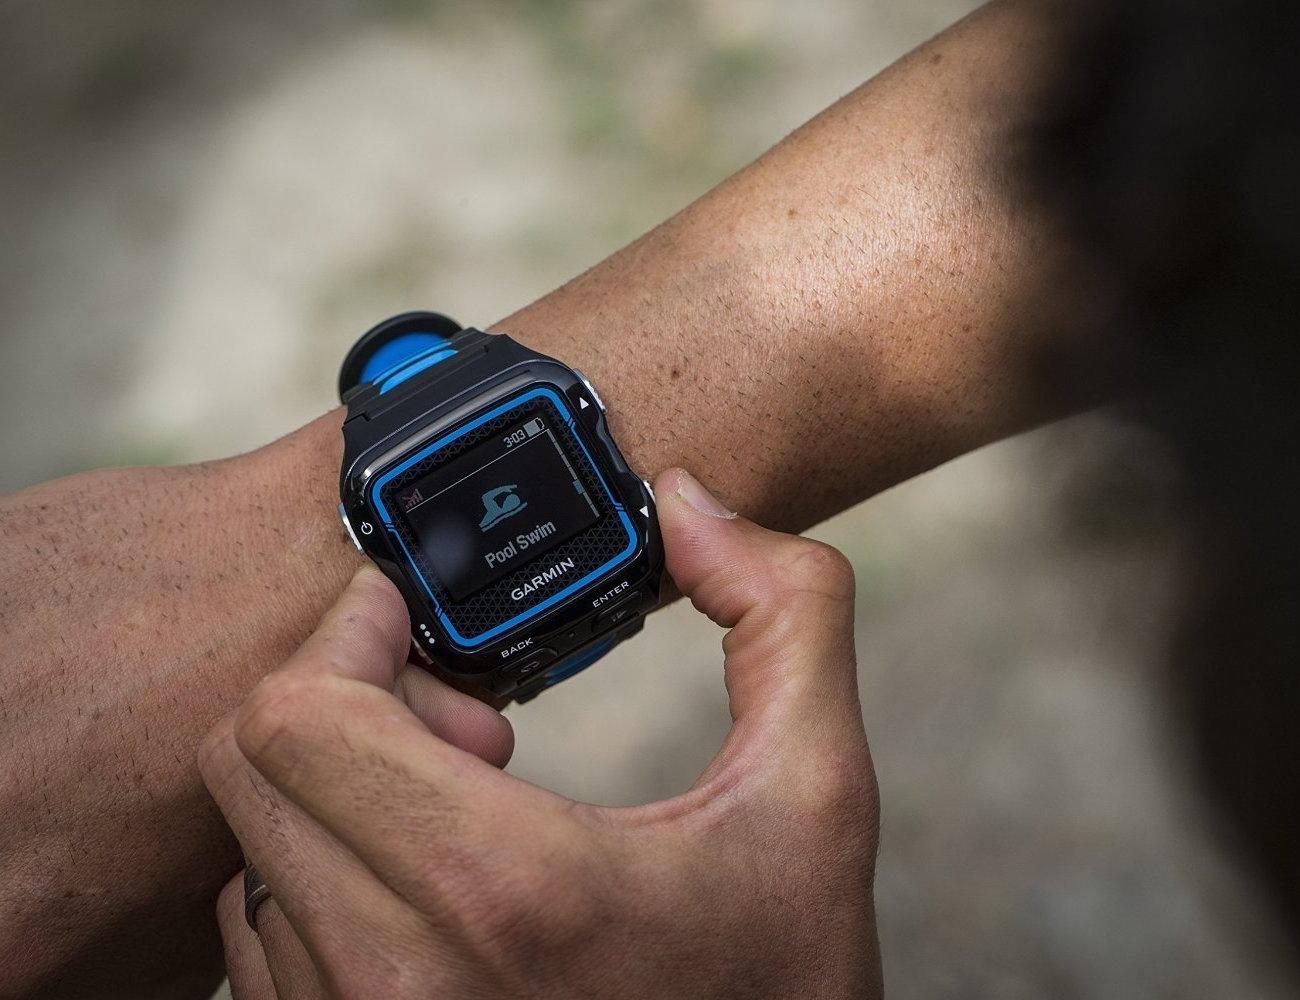 Garmin+Forerunner+920XT+GPS+Fitness+Watch